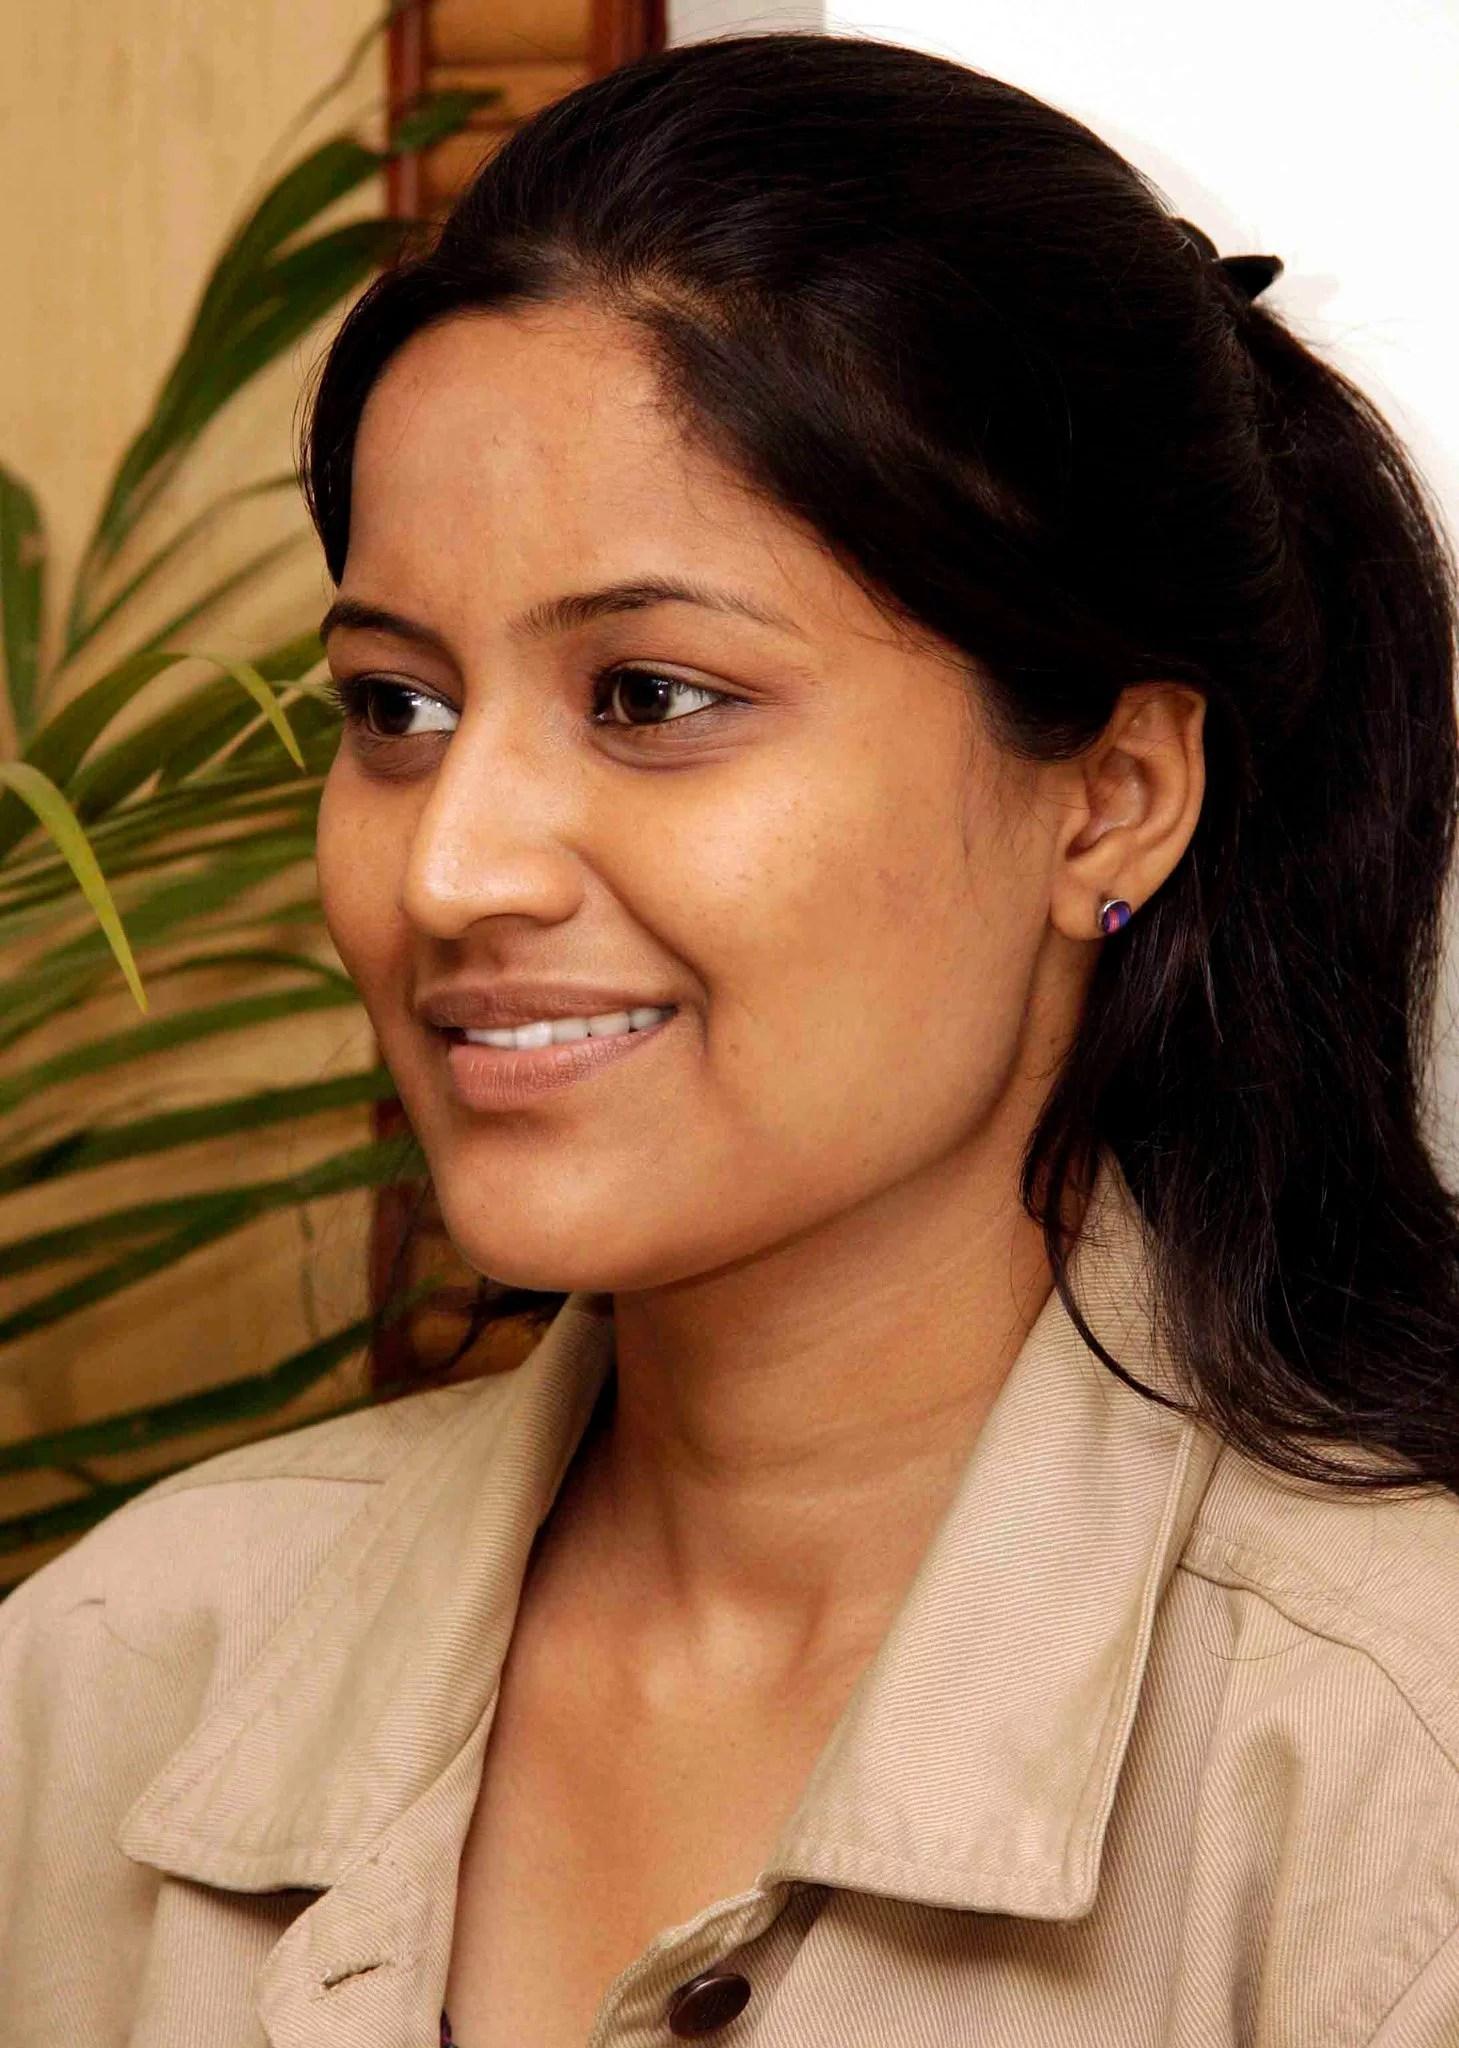 Vrishali Phatak